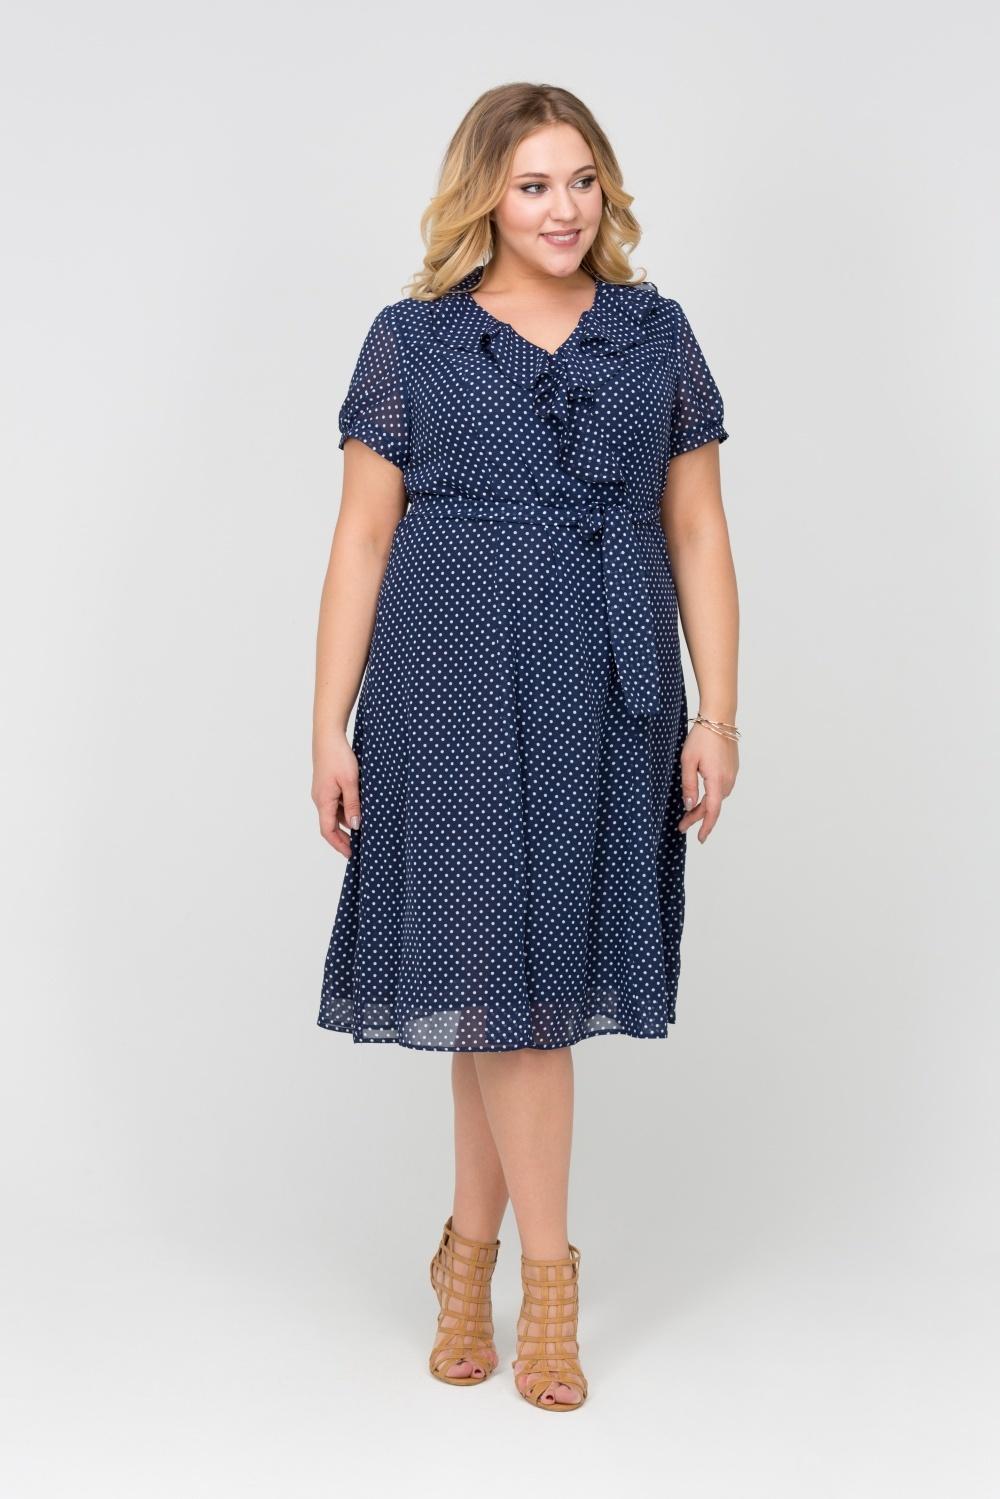 Платья Платье Джуди синий 4b6802c7cb9e909c5ca23dd6243225bf.jpg